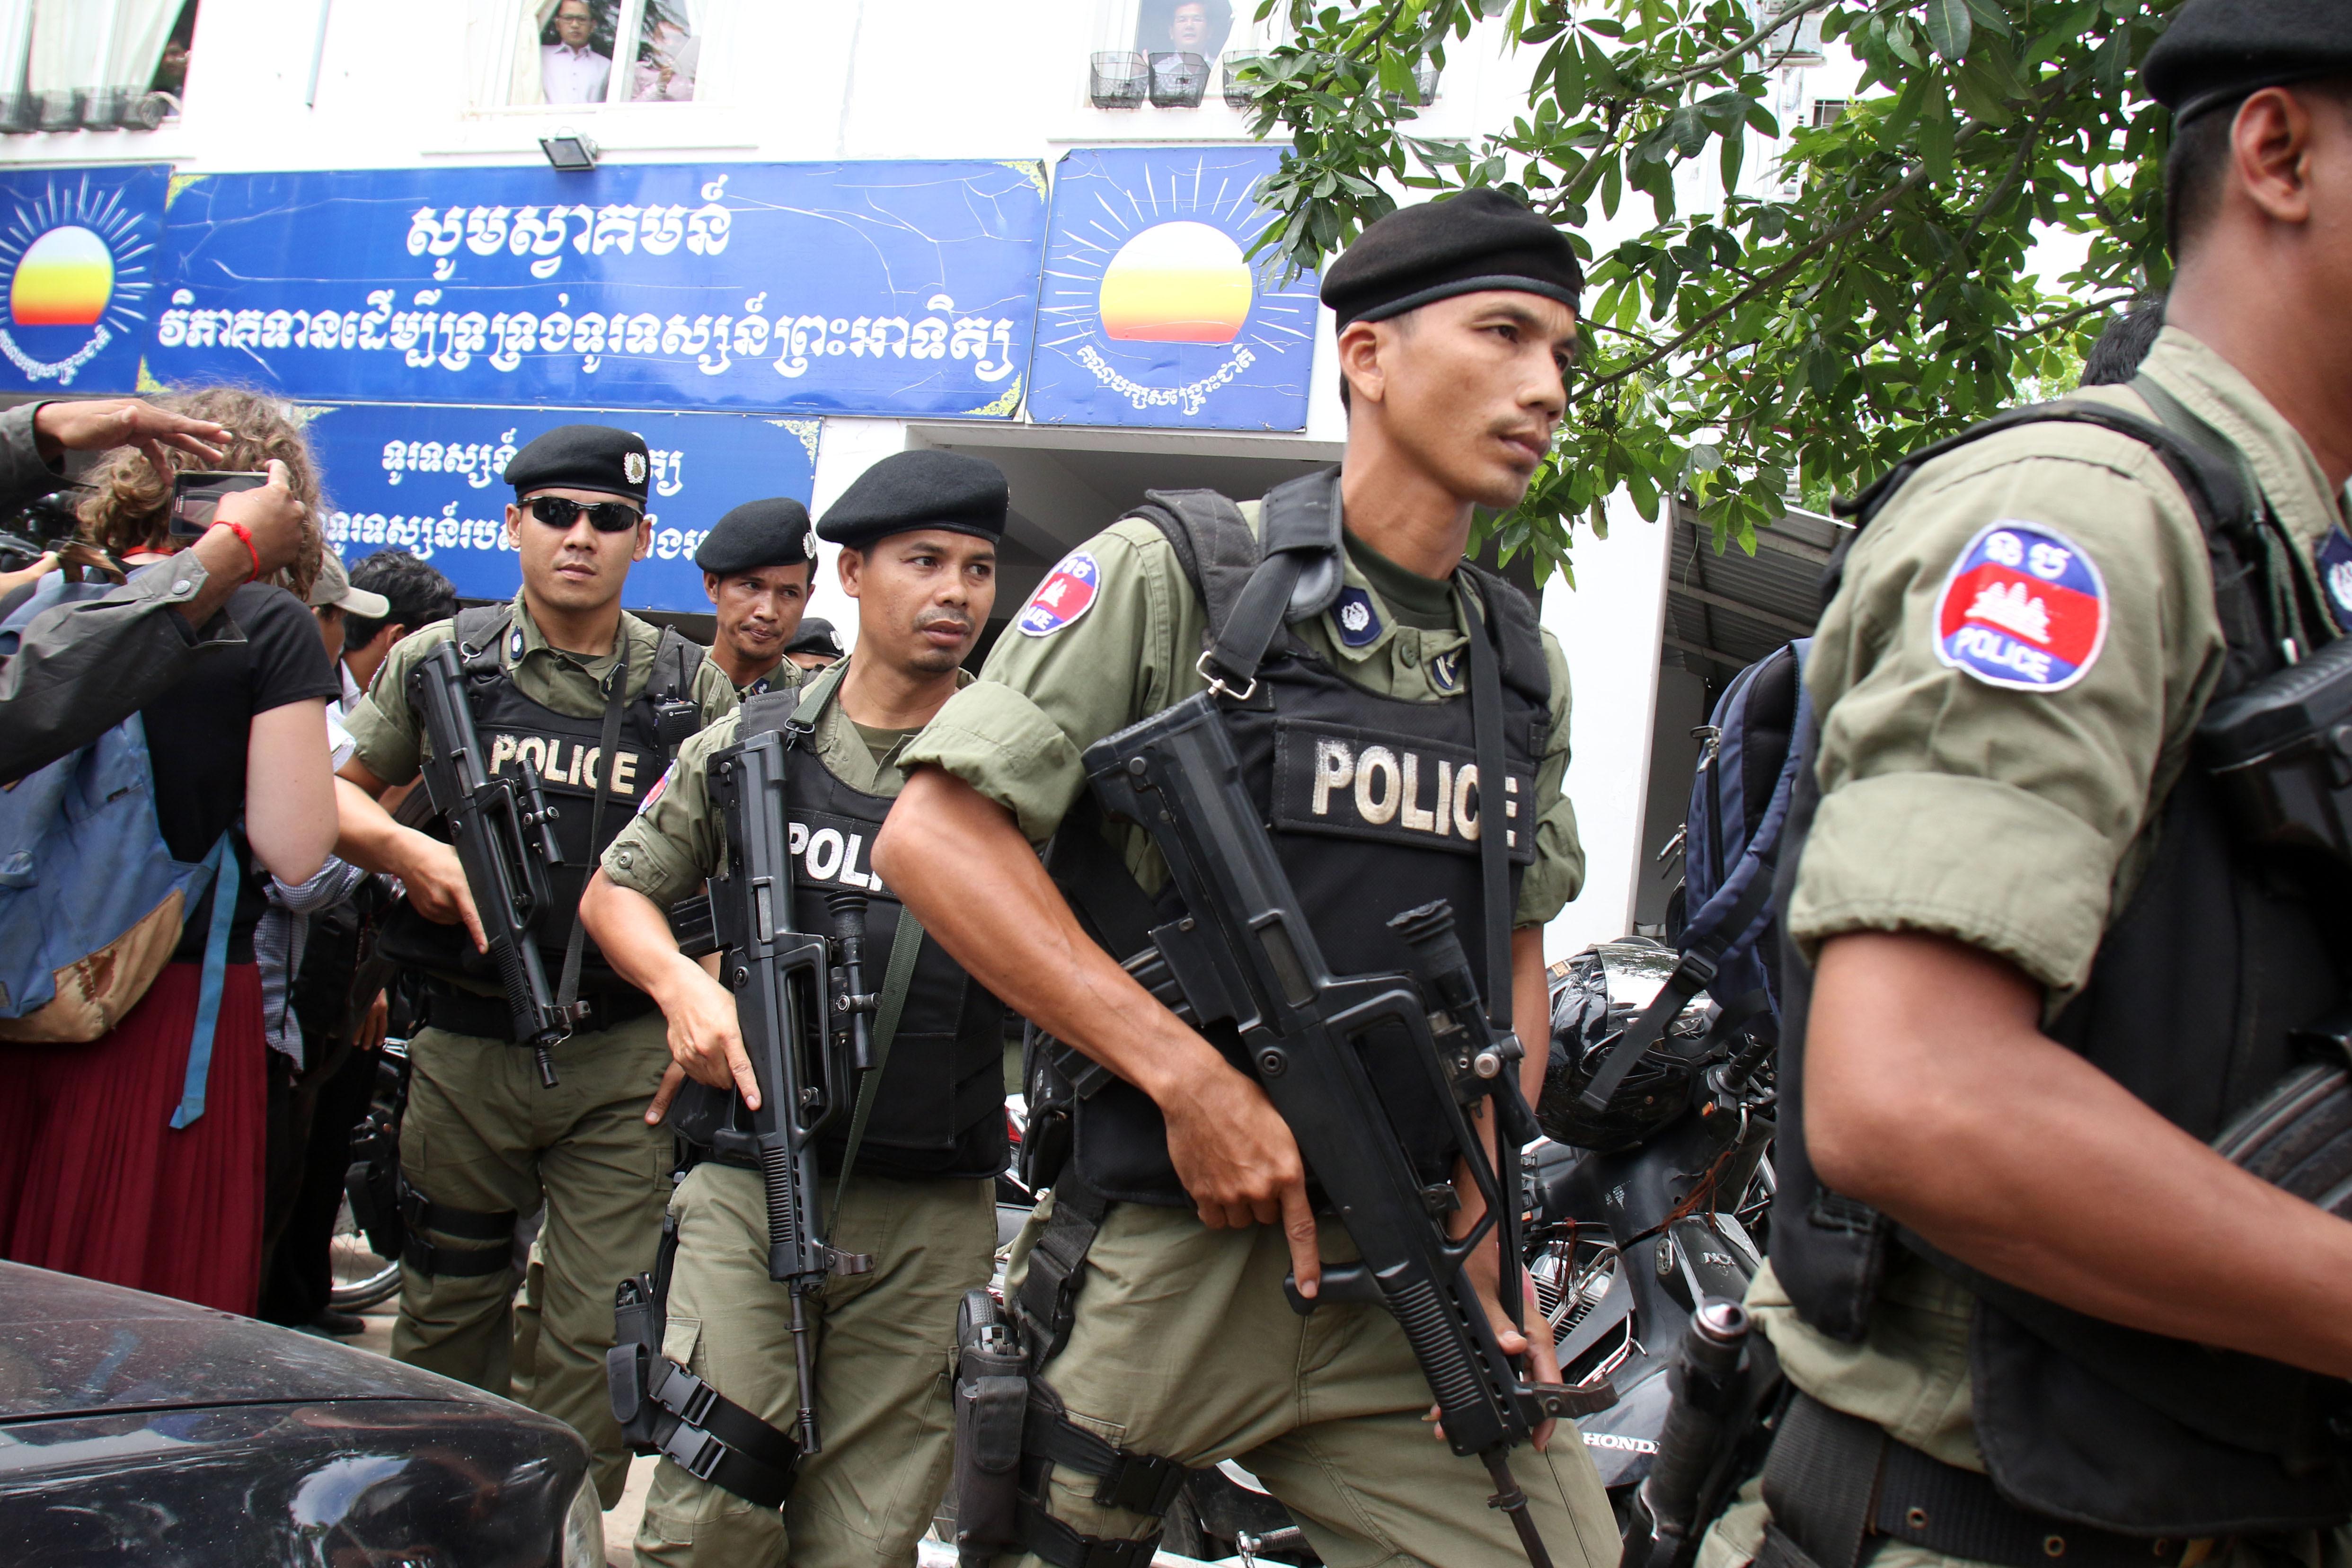 Переводчика из Камбоджи приговорили к двум годам за работу над фильмом для RT